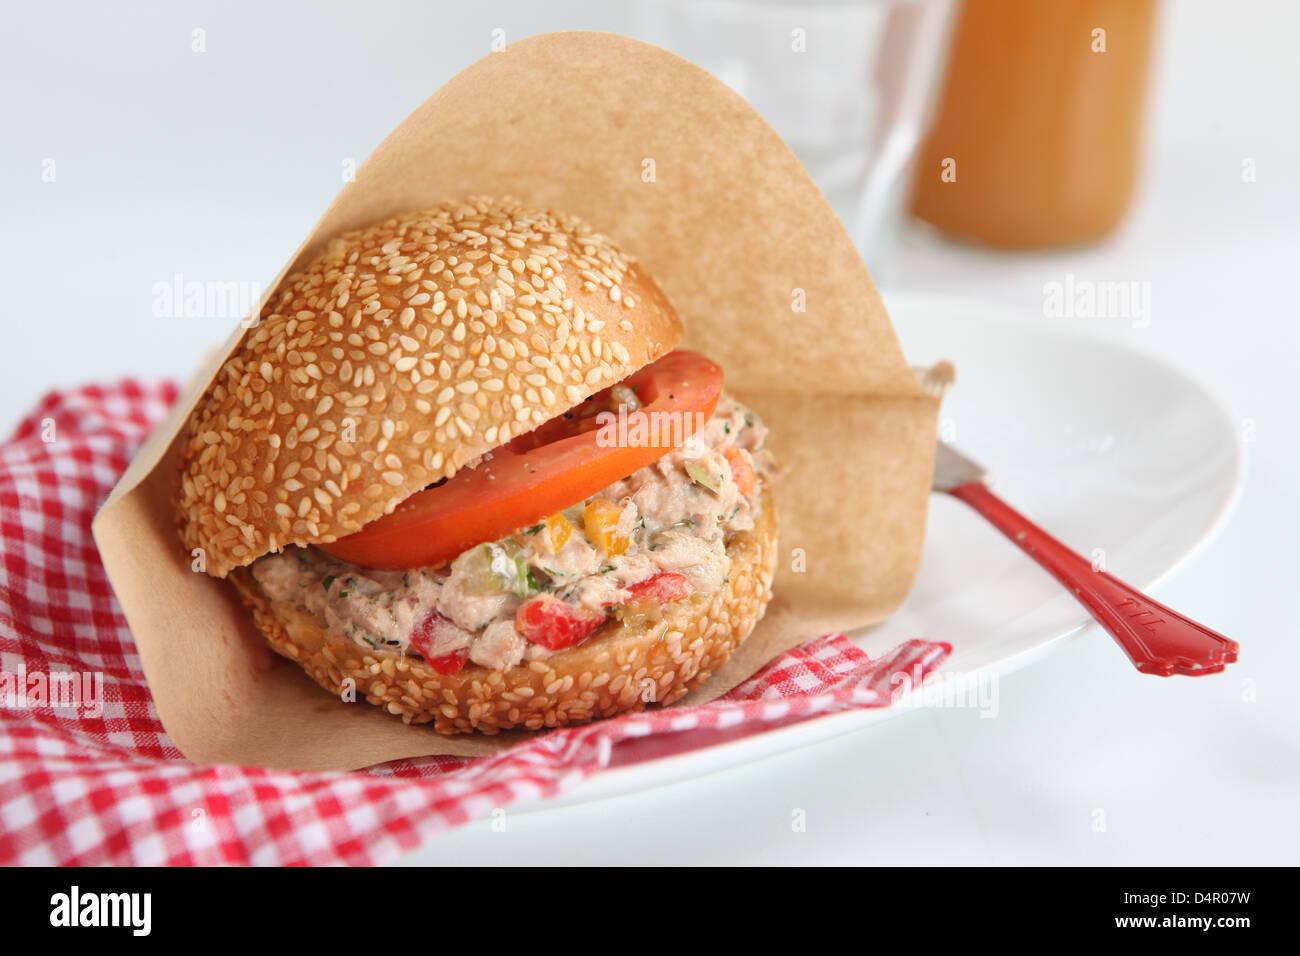 Insalata di tonno sandwich con pomodoro Immagini Stock